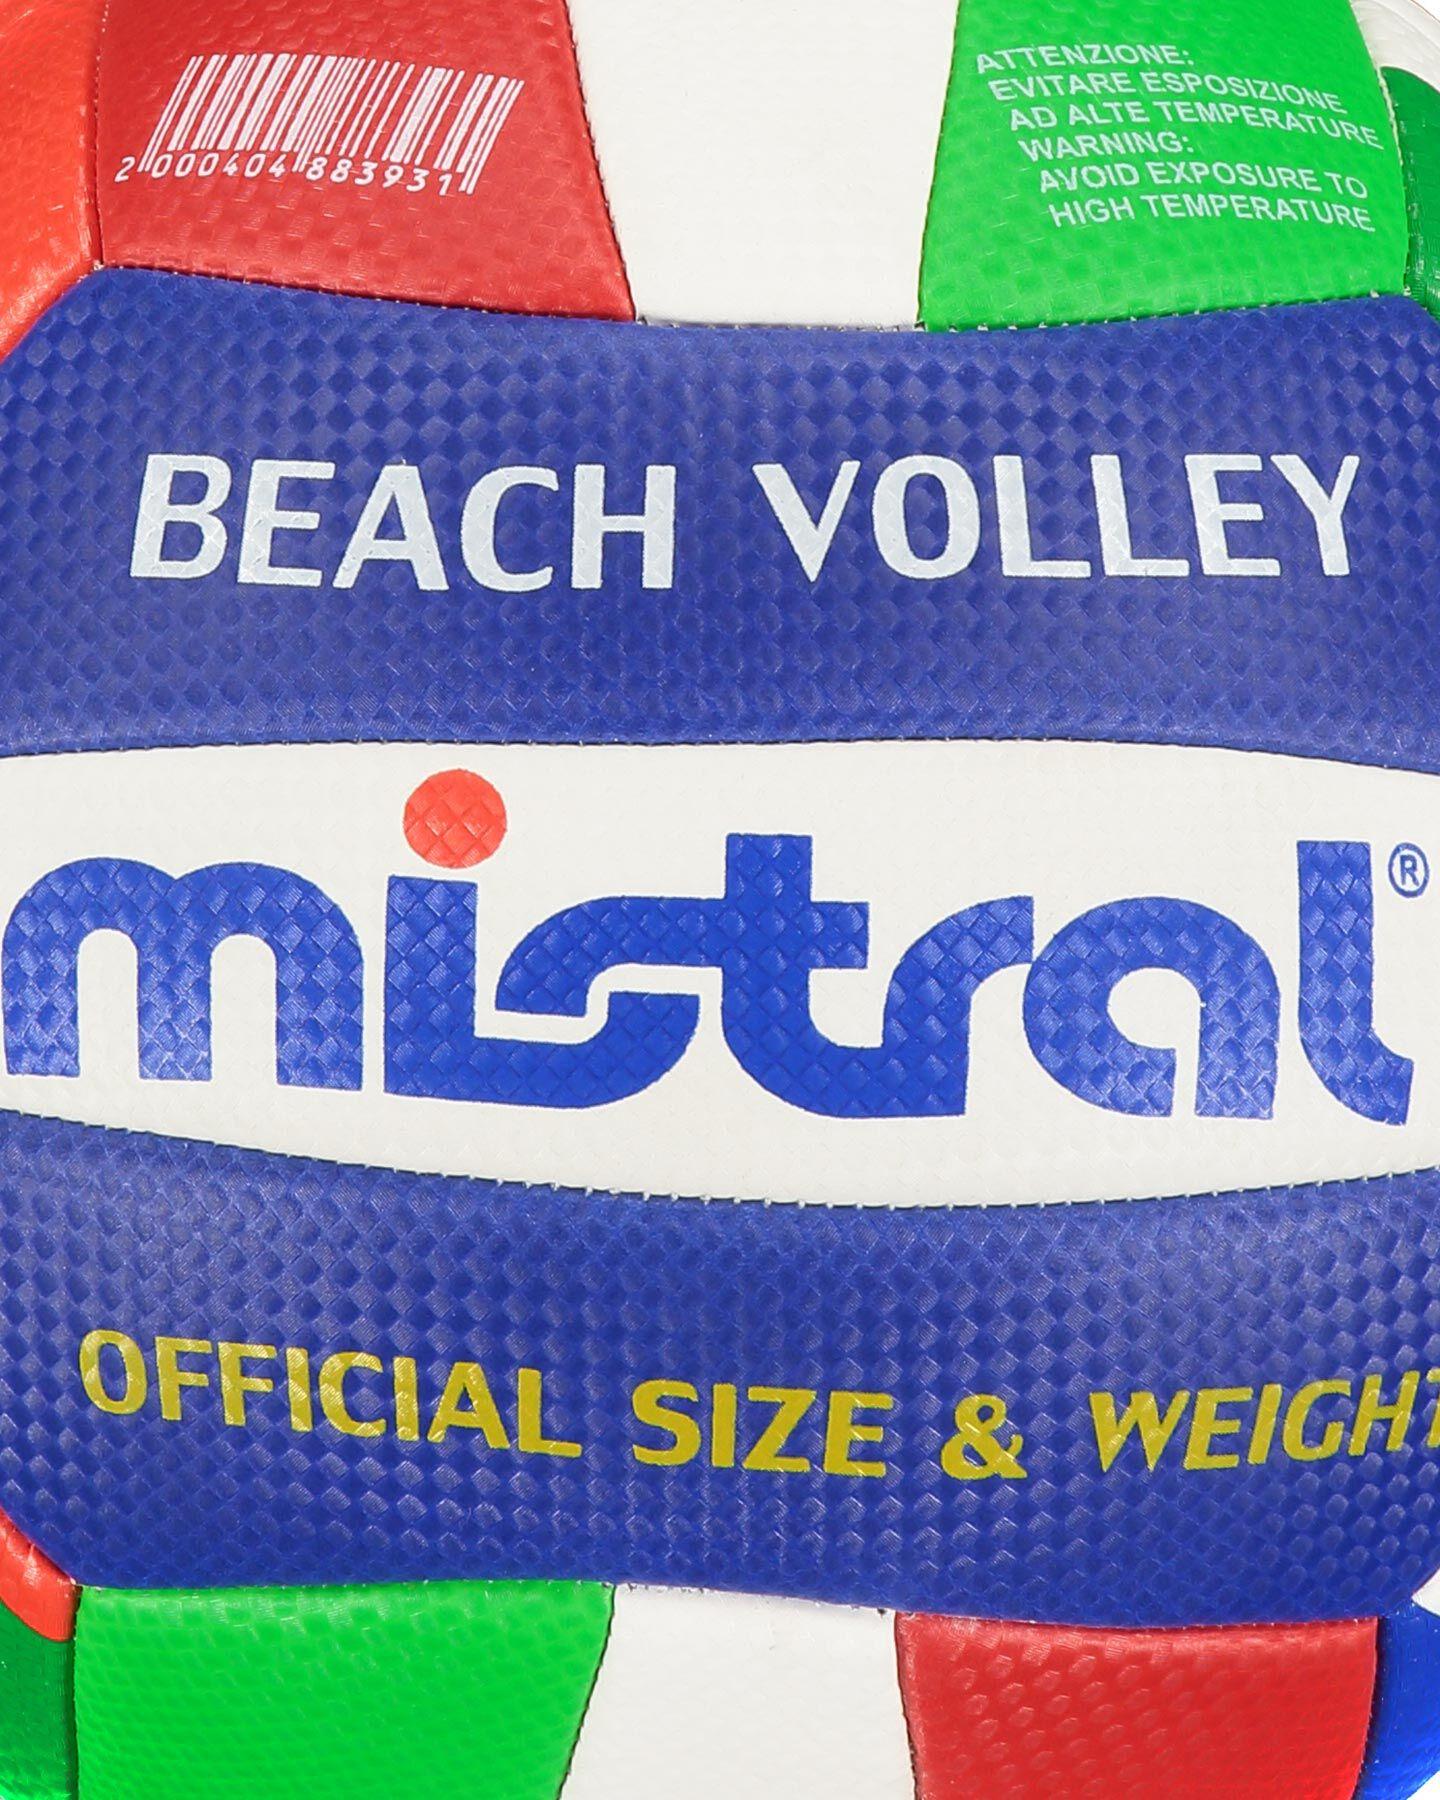 Pallone volley MISTRAL BEACH ITALIA 20 S4076111|896|UNI scatto 2